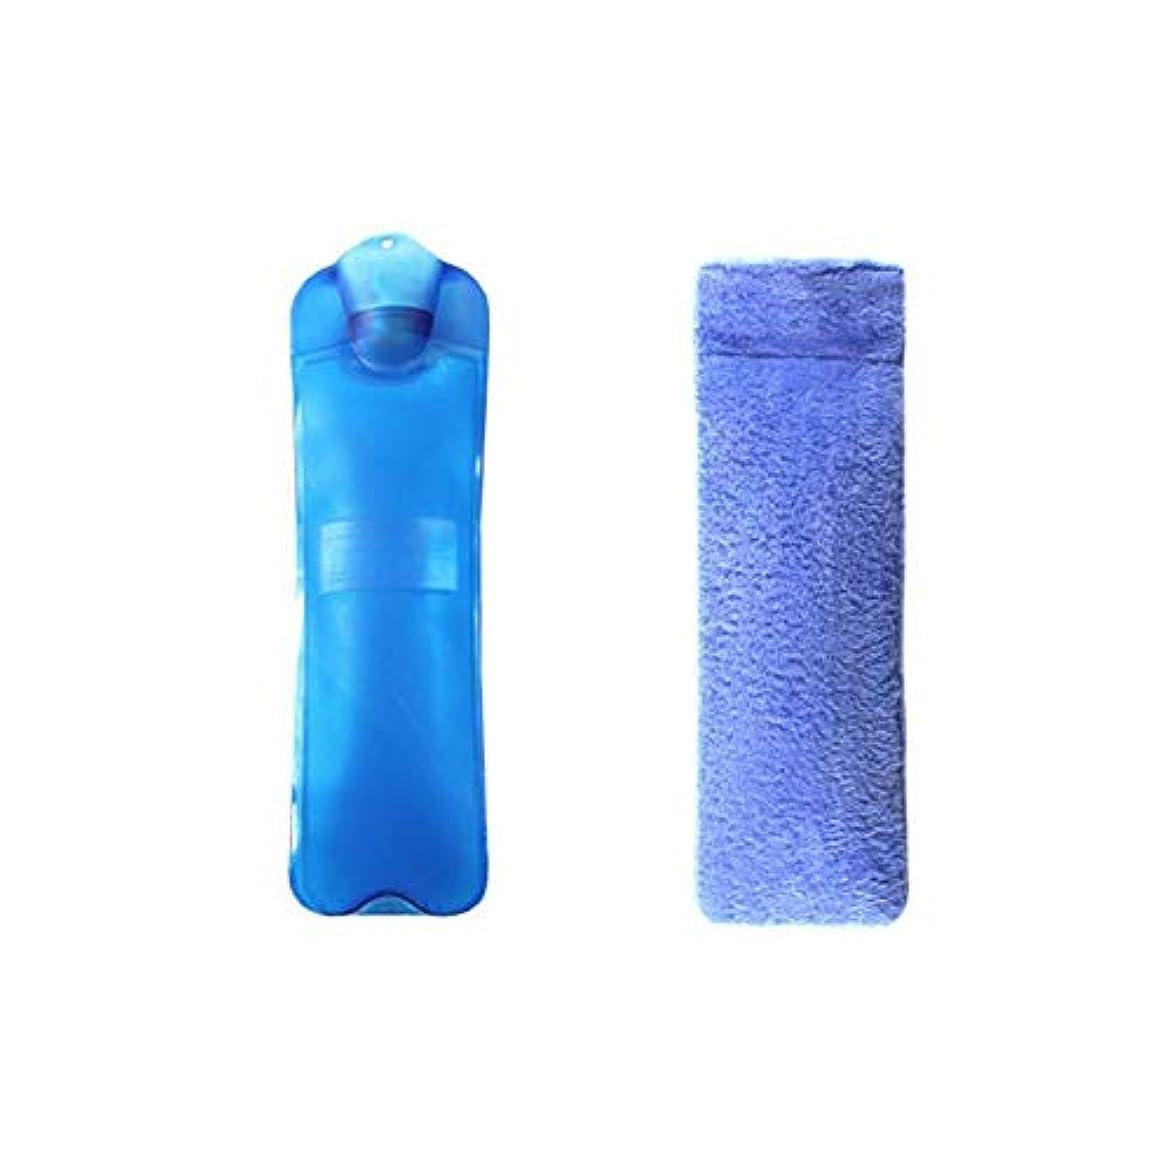 認可リブうめきホットウォーターボトル大温水ボトル2Lクリスマスギフト